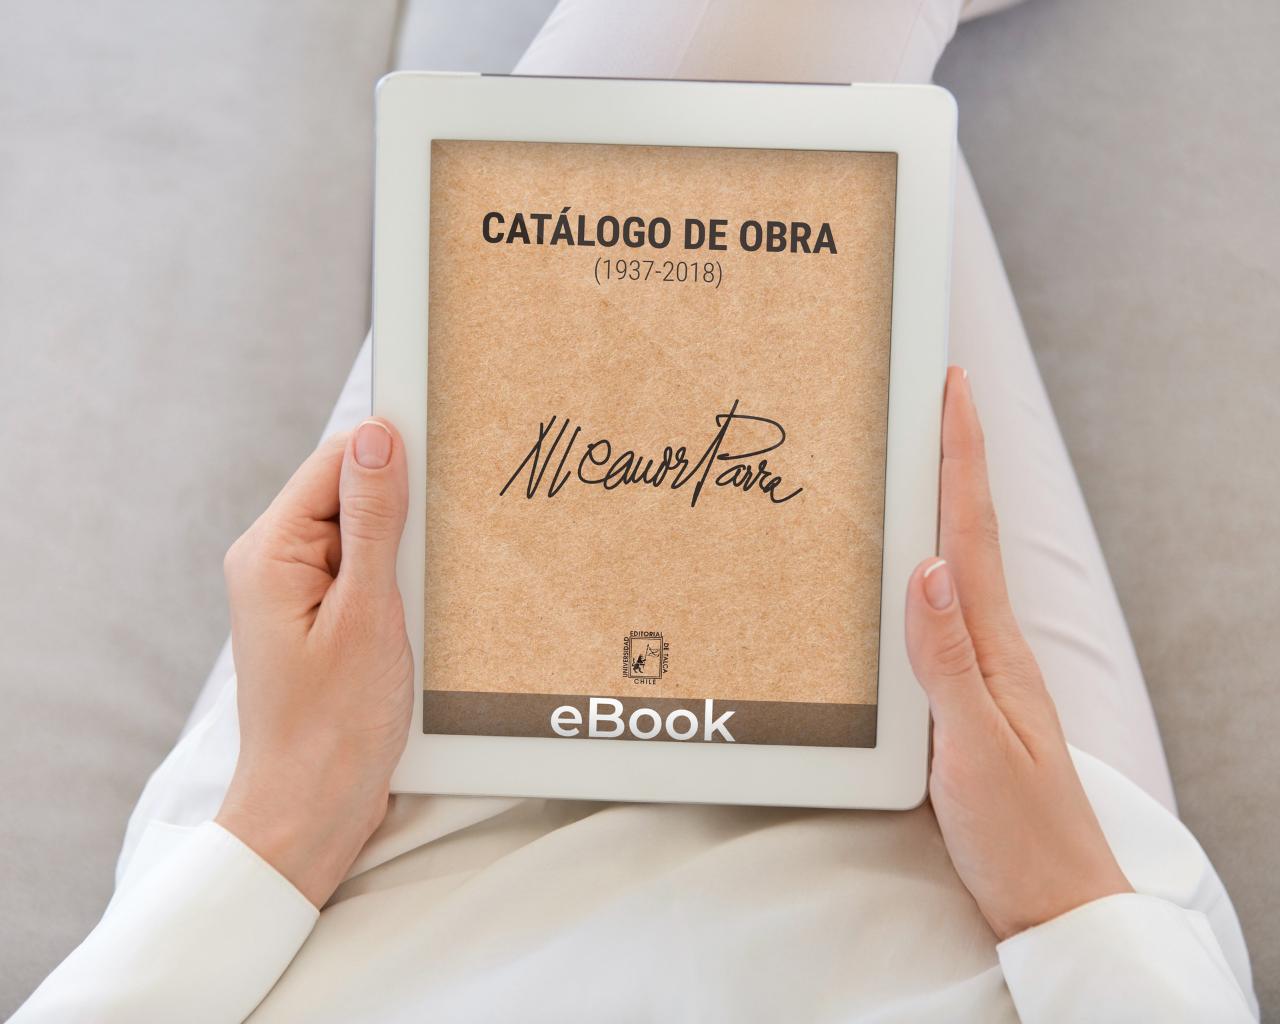 Universidad lanza e-book que reúne patrimonio editorial de Nicanor Parra